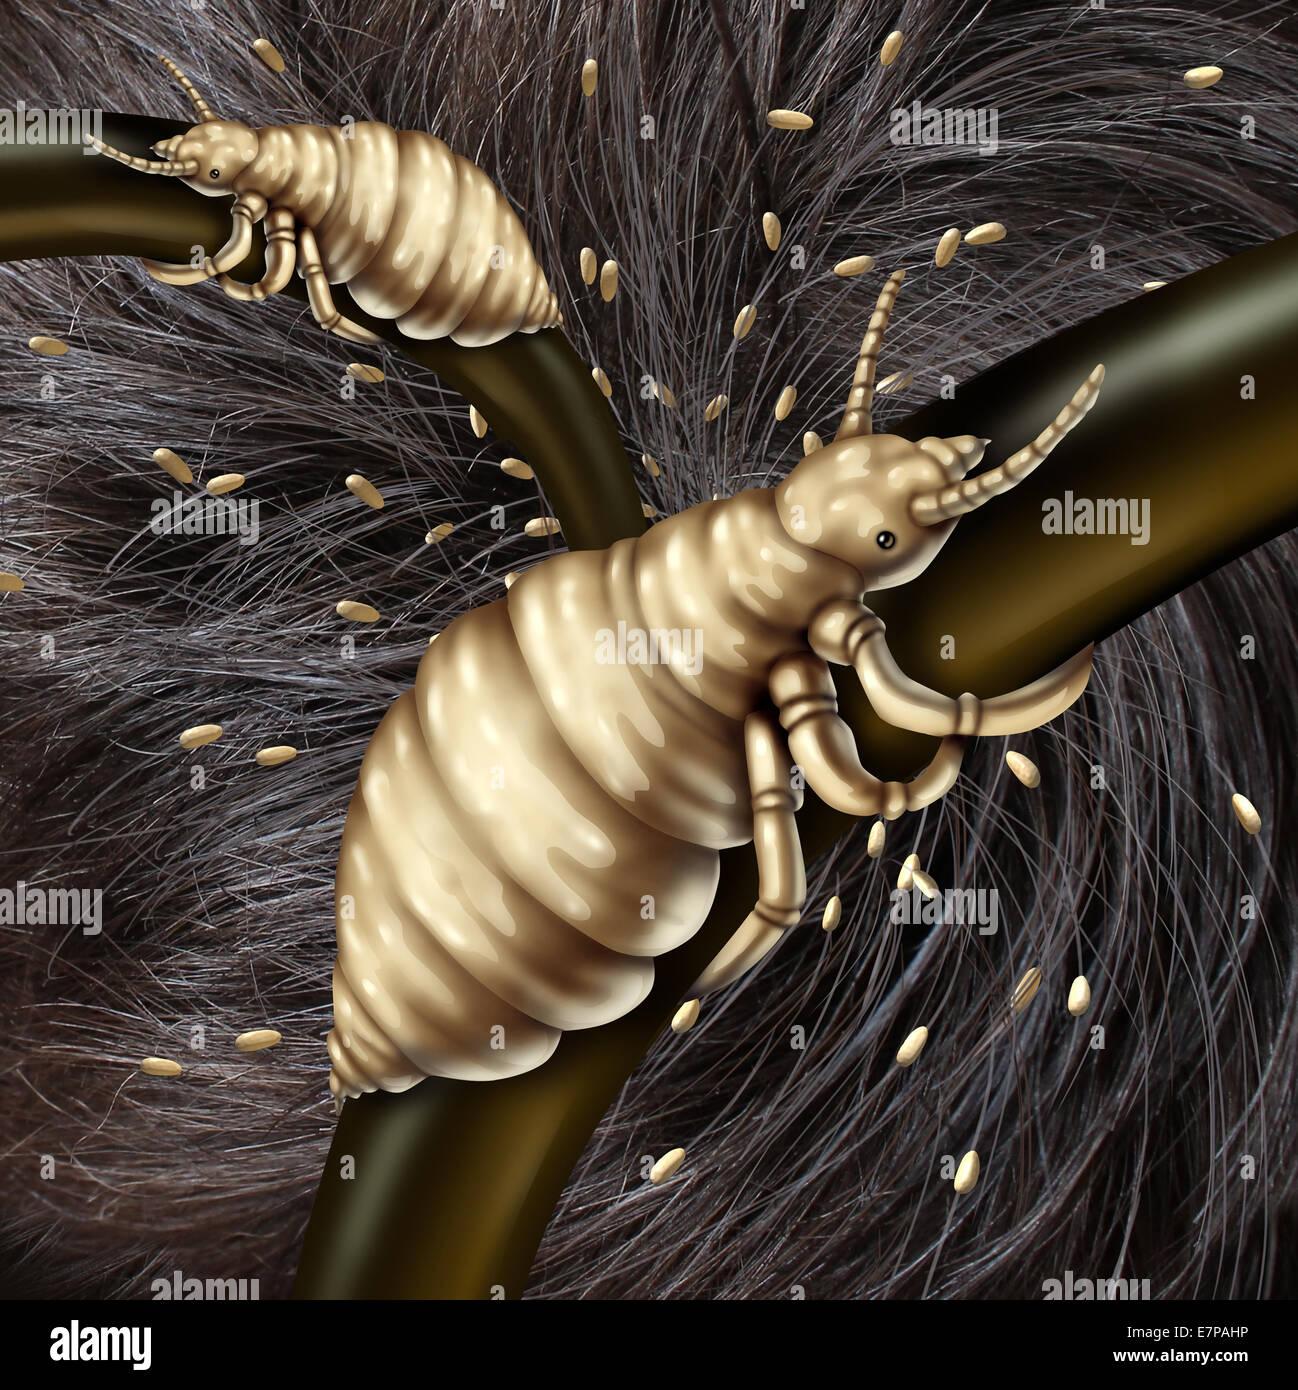 Läuse im Haarproblem als ein medizinisches Konzept mit einem Makro Nahaufnahme eines menschlichen Kopfes mit Stockbild